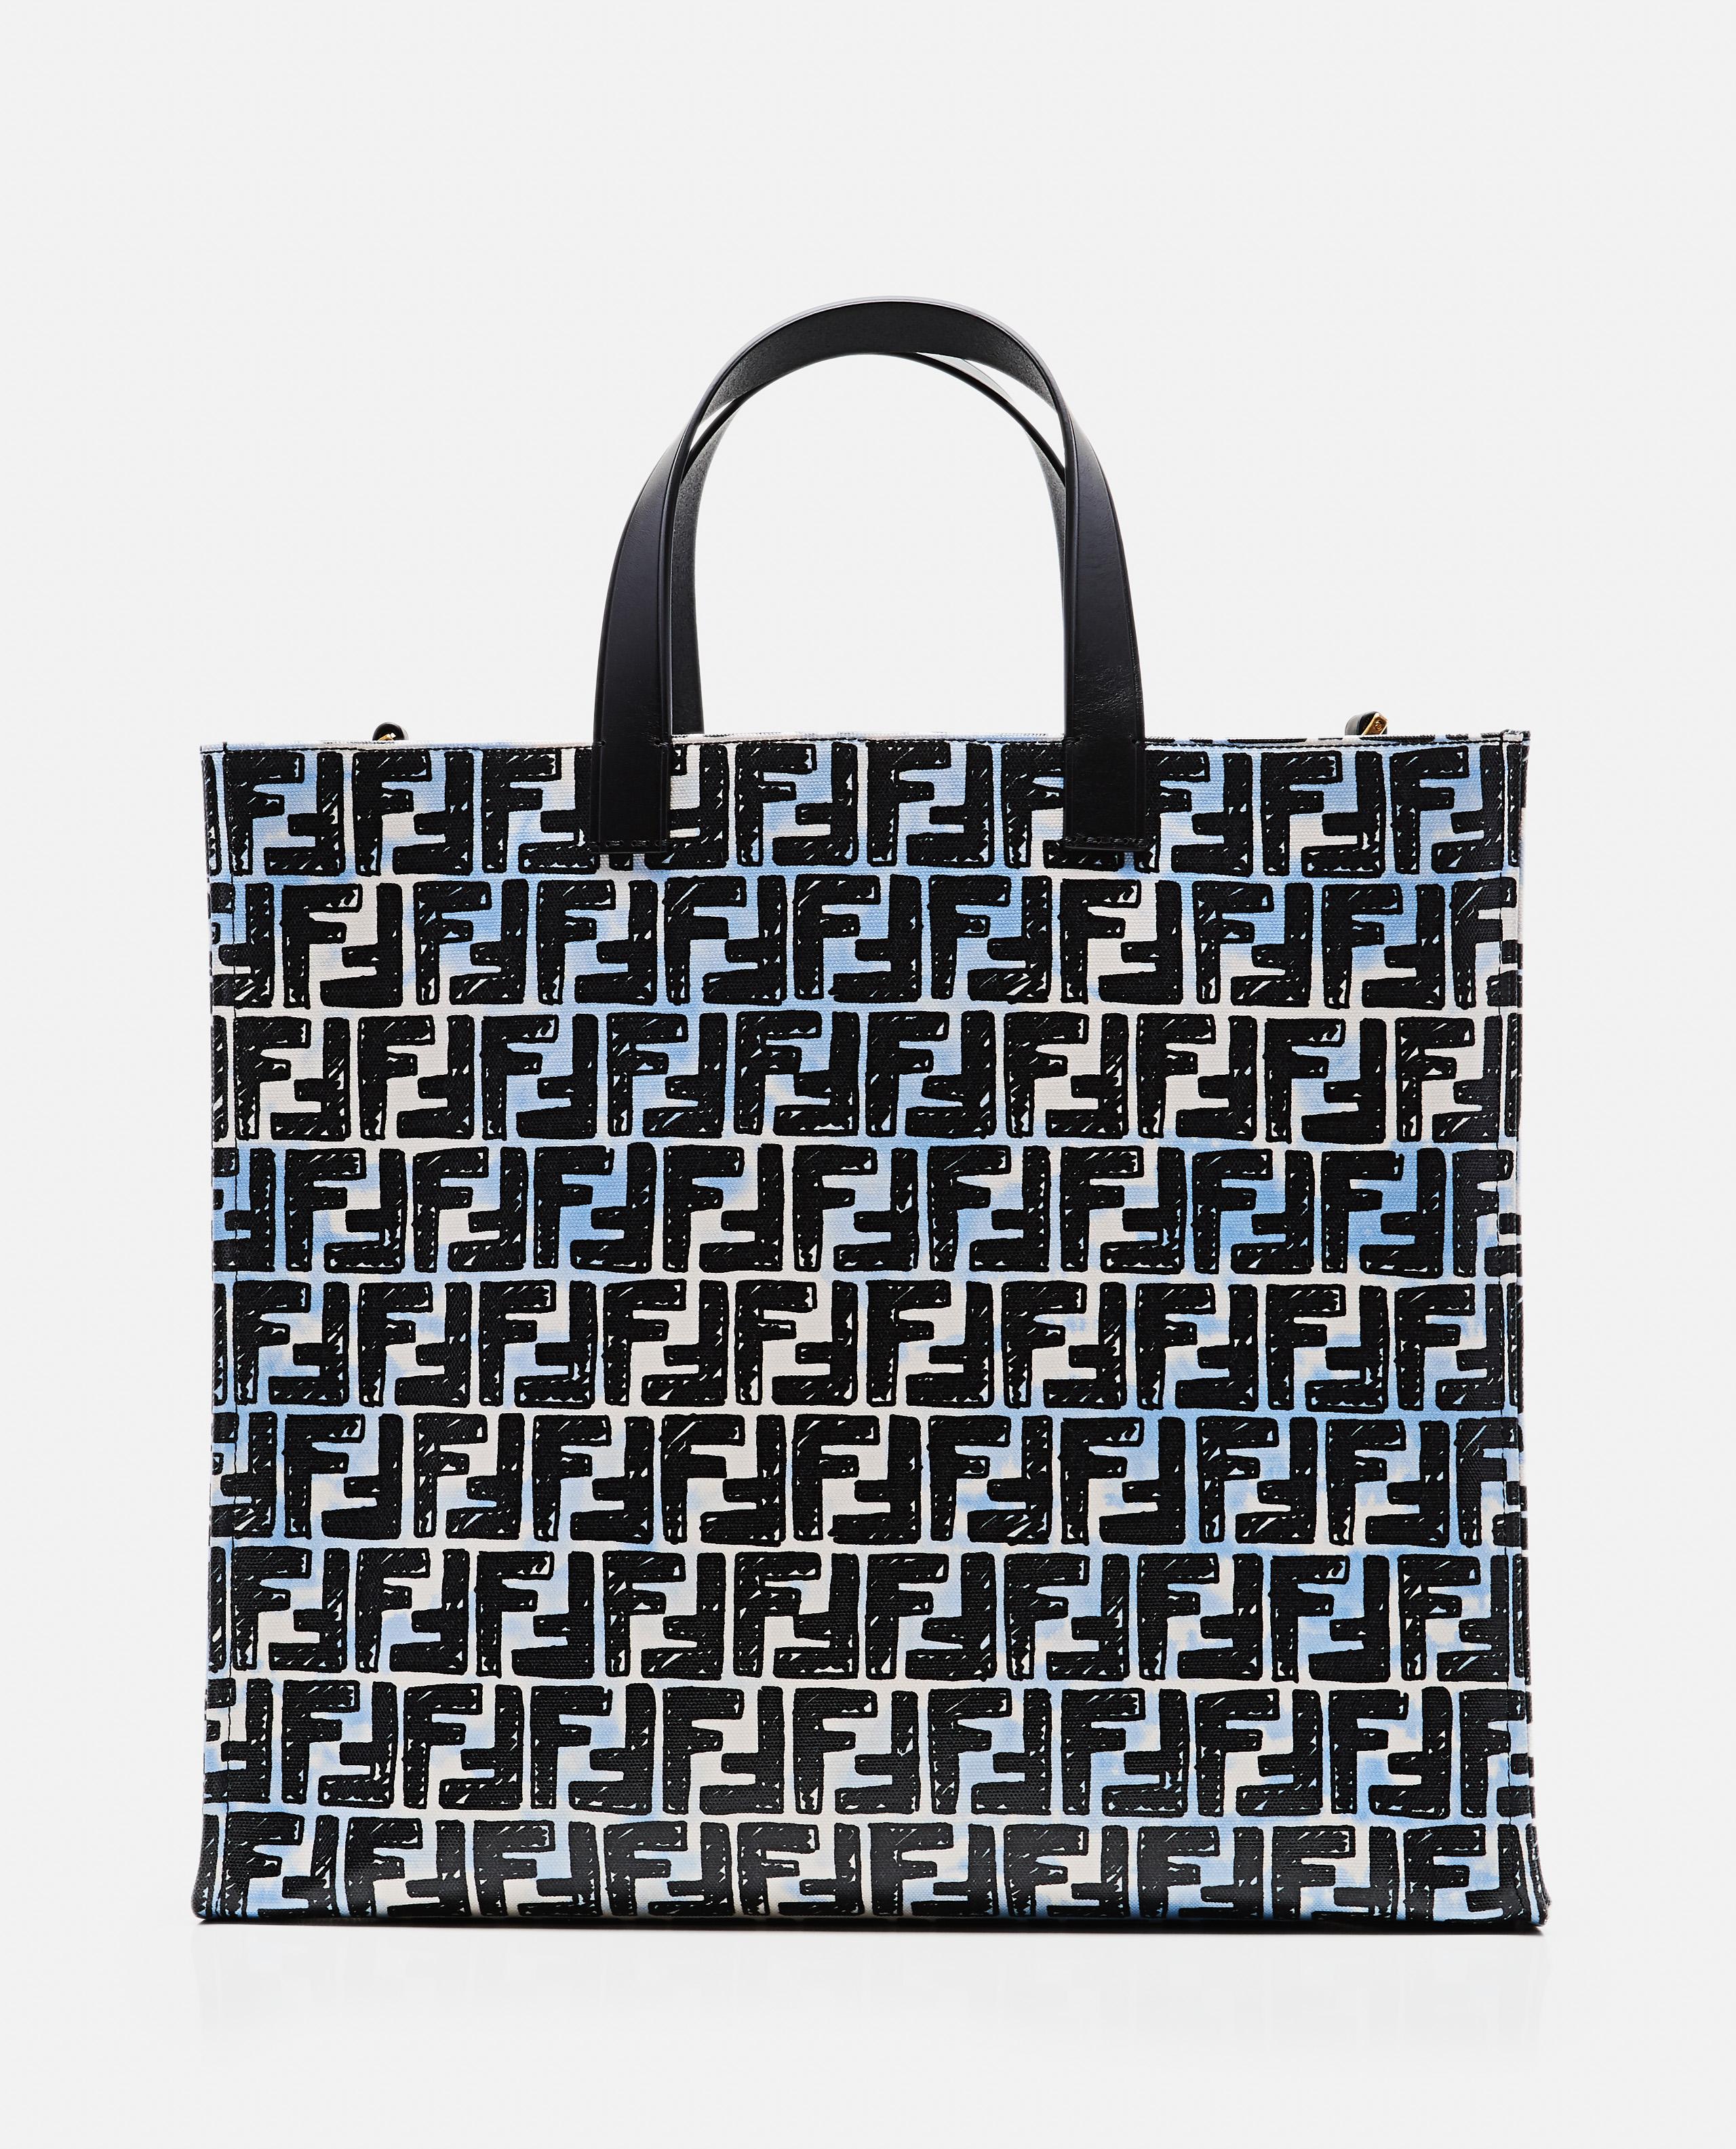 Shopper bag in FF vitrified canvas